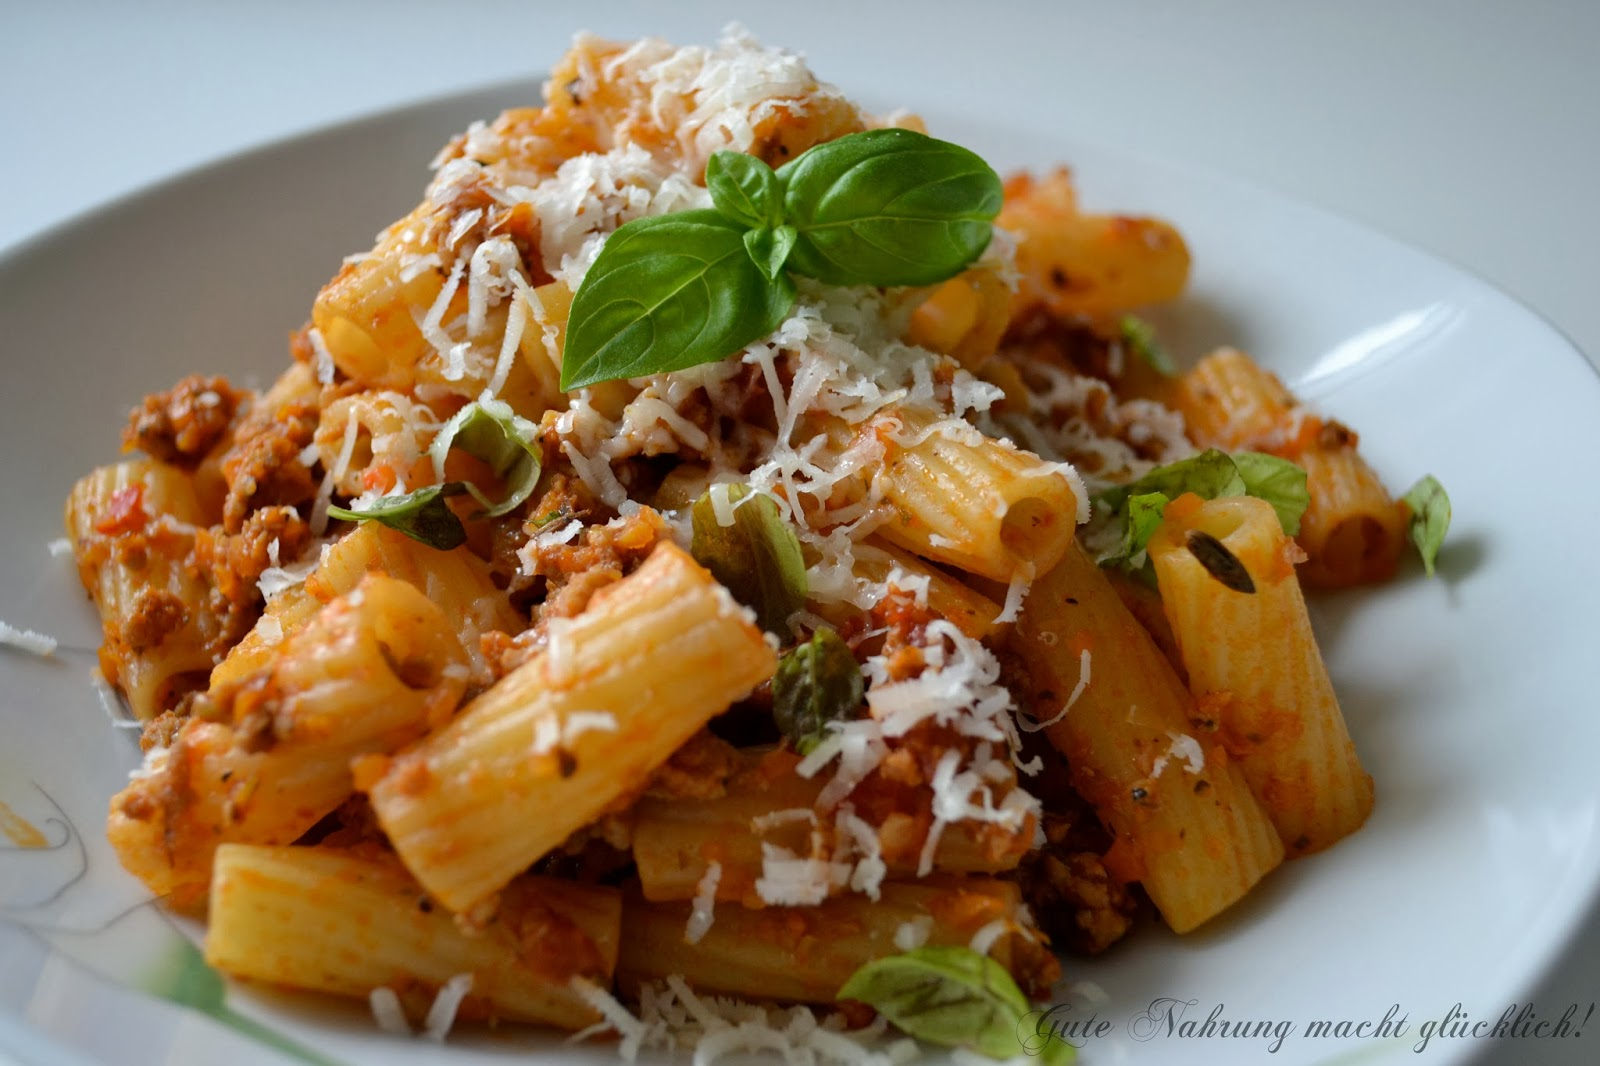 gute nahrung macht gl cklich jool 39 s pasta pasta mit fixbolognese nach jamie oliver. Black Bedroom Furniture Sets. Home Design Ideas